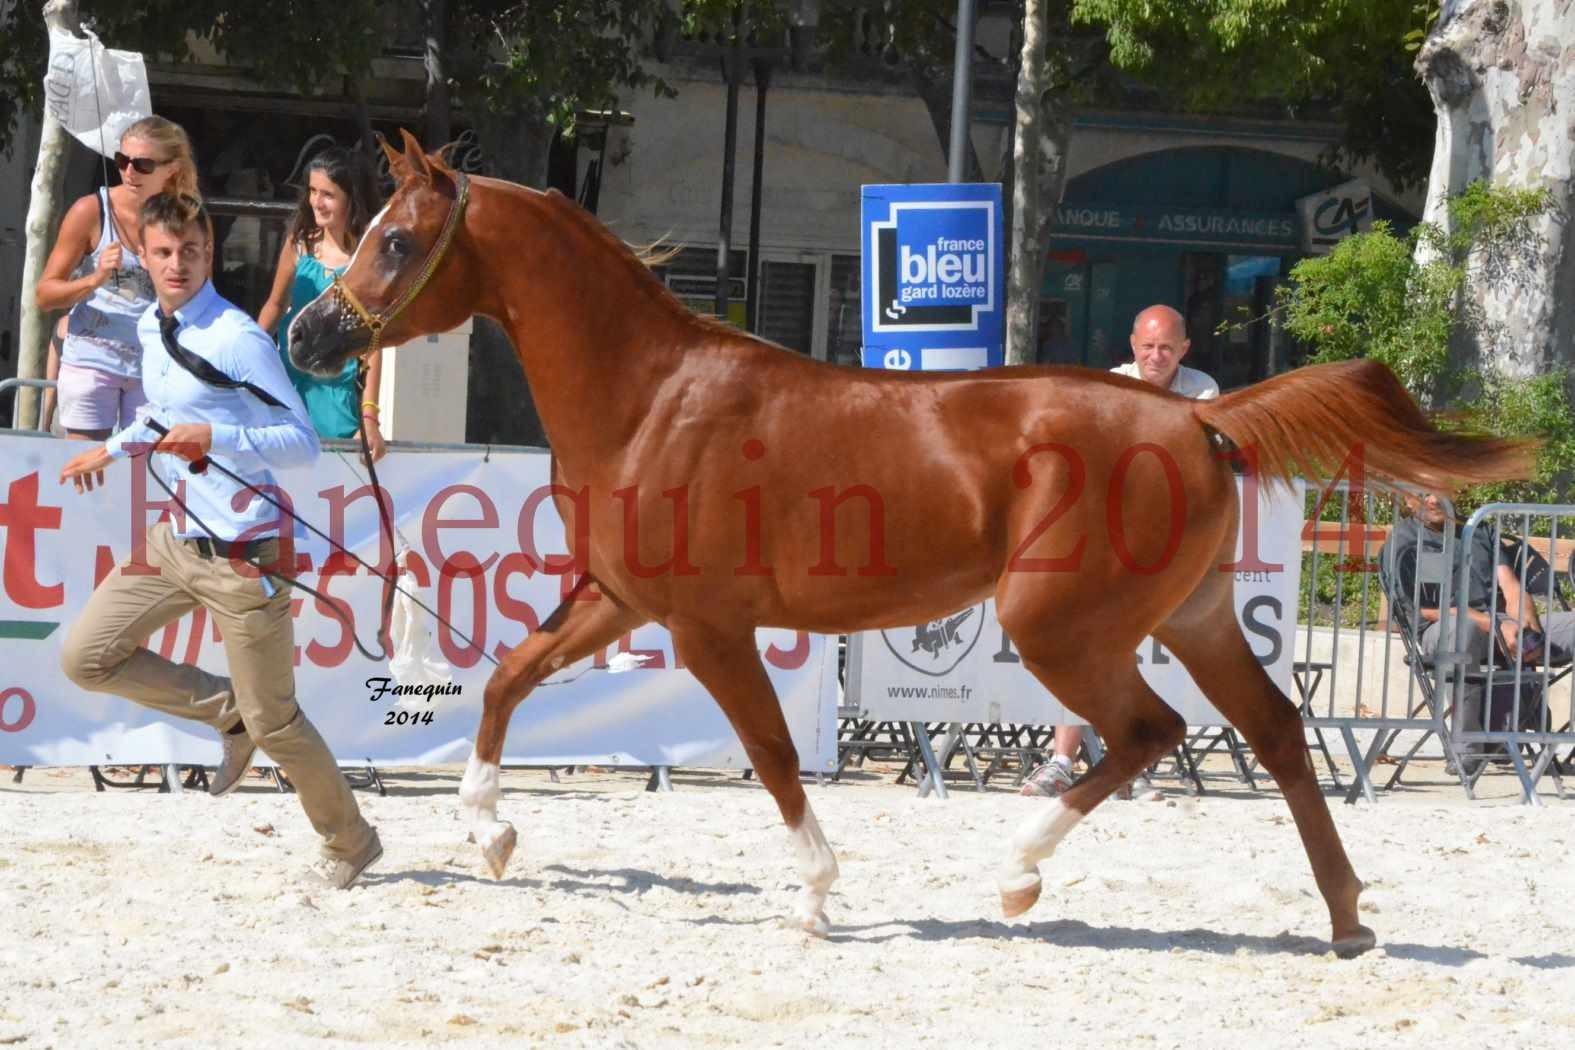 Concours National de Nîmes de chevaux ARABES 2014 - Notre Sélection - DZHARI NUNKI - 05